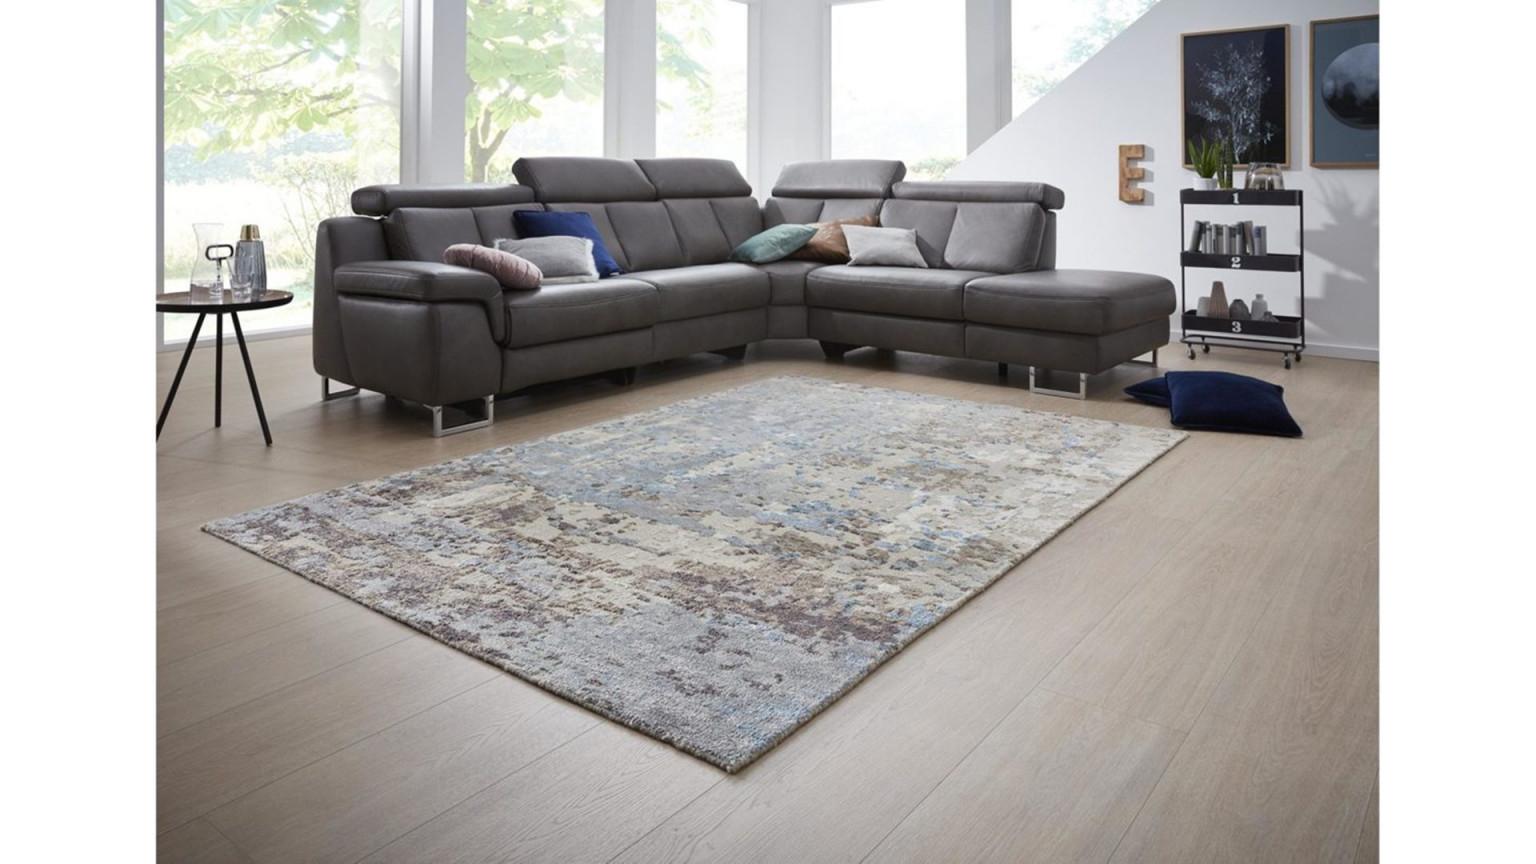 Möbel Eilers Apen Teppiche Interliving von Wohnzimmer Teppich 250X300 Bild